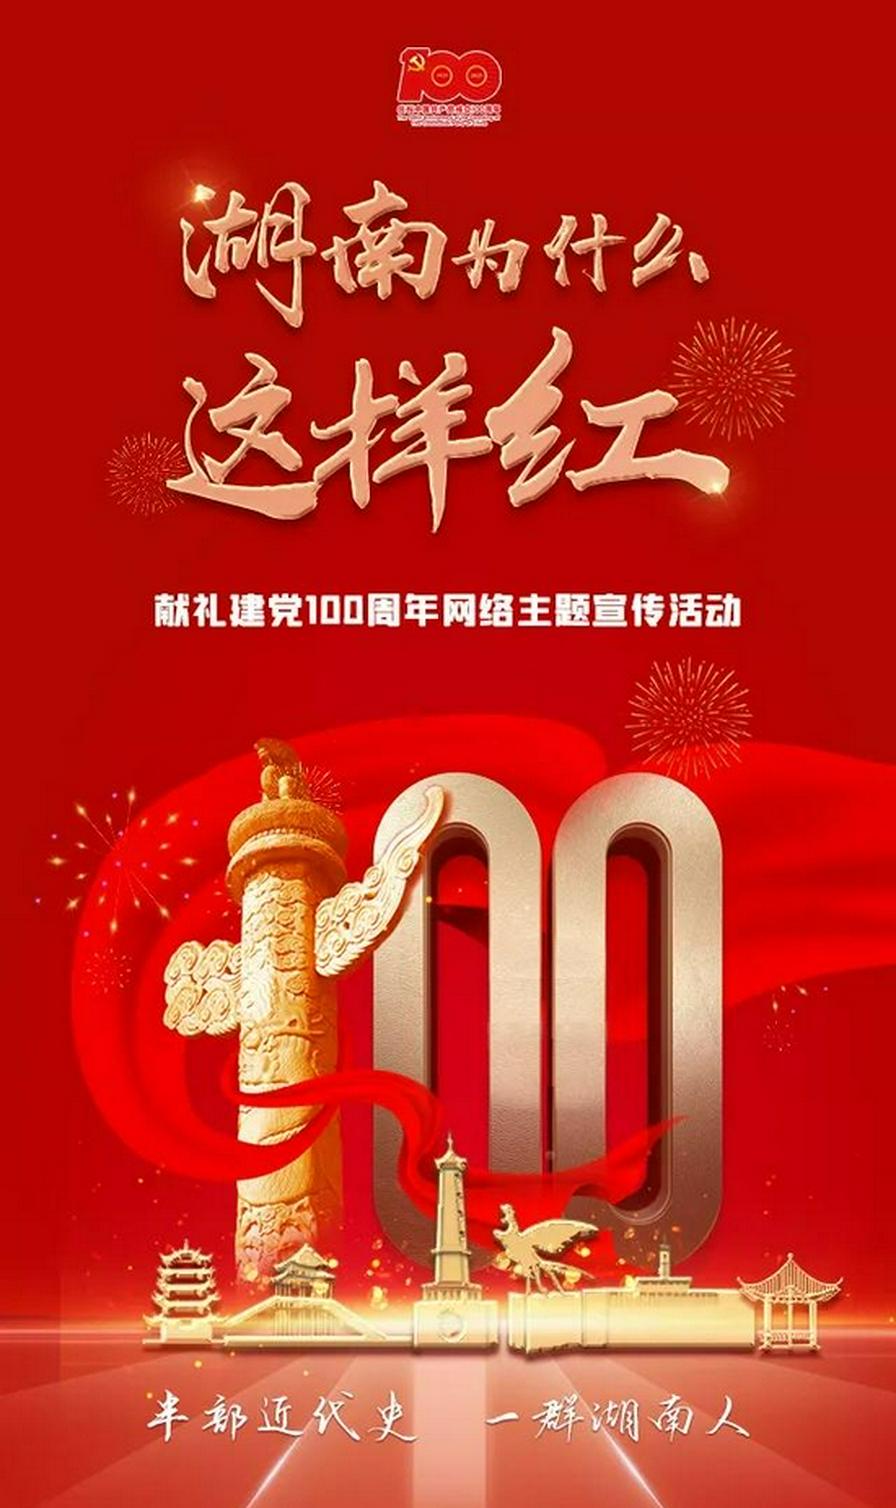 湖南为什么这样红 | 红色邵阳,记下了许多新湖南的第一笔……